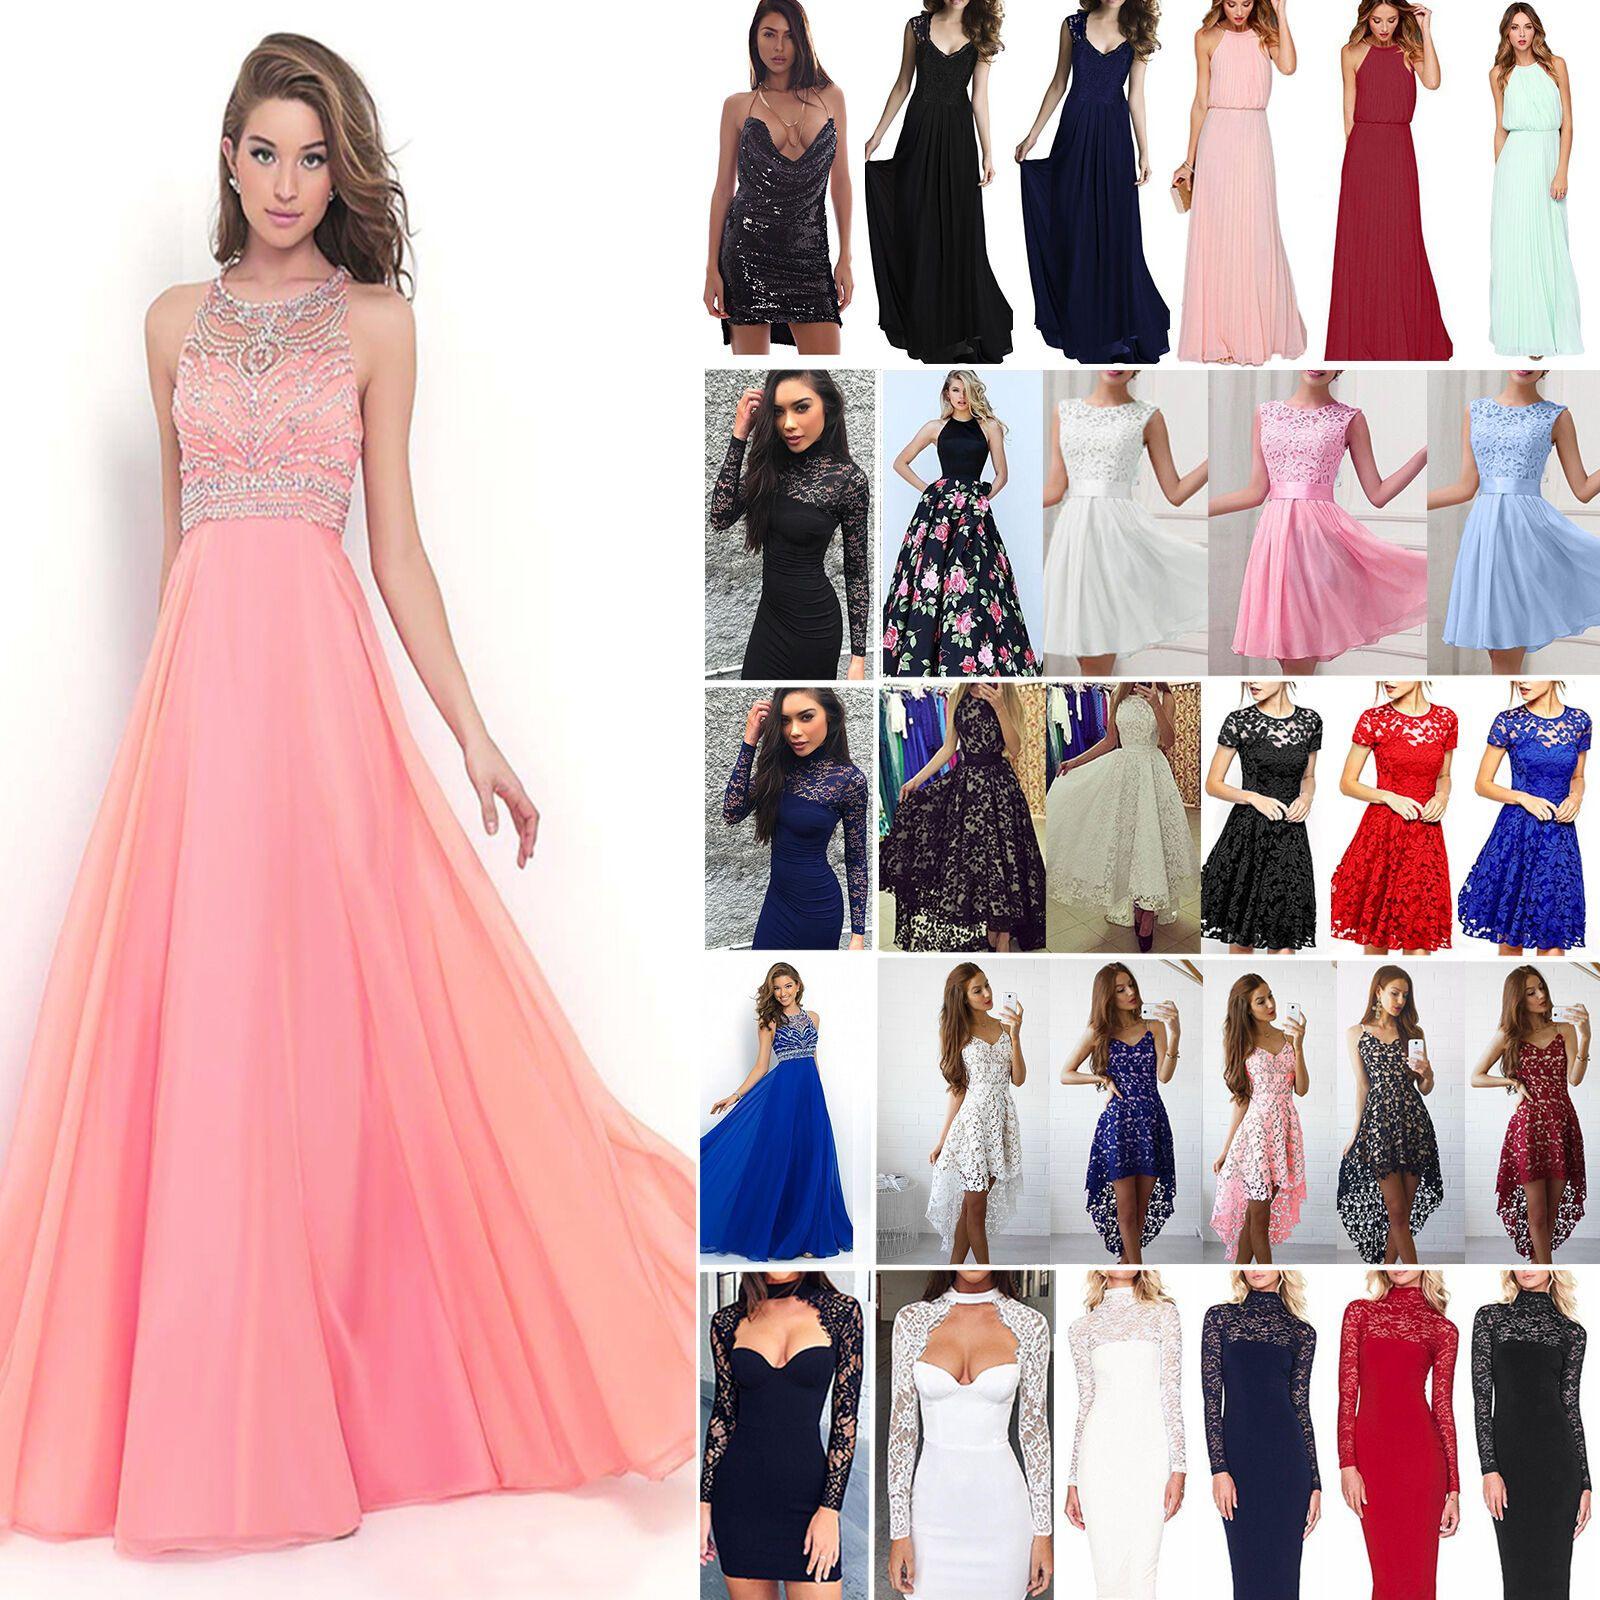 10 Einzigartig Abend Kleider Für Damen für 201915 Leicht Abend Kleider Für Damen Spezialgebiet